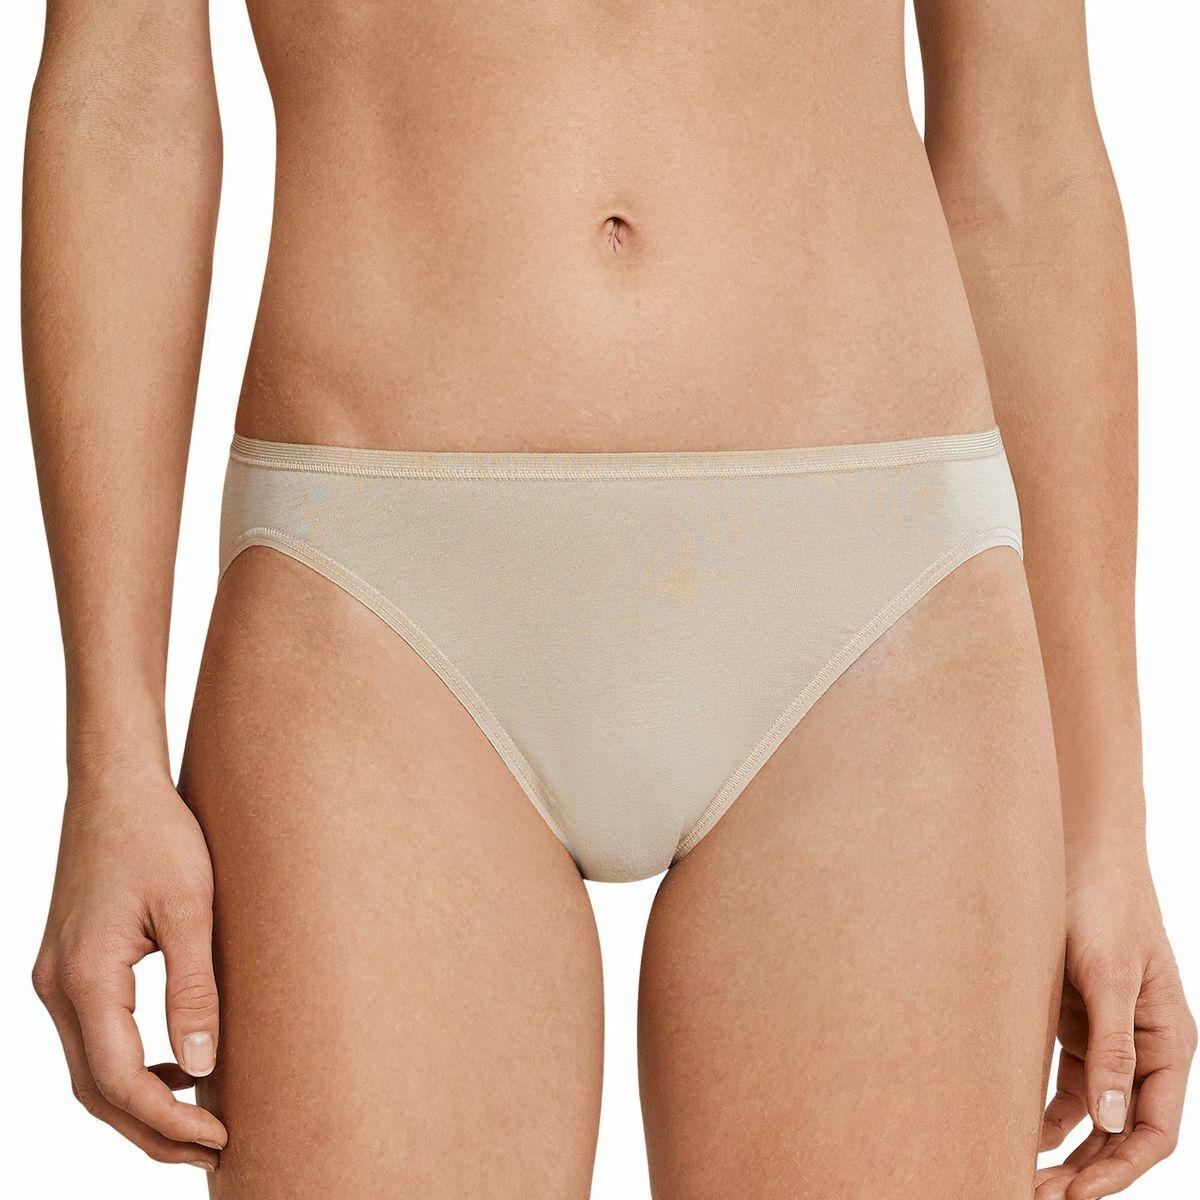 Schiesser Damen Slips, 3er Vorteilspackung Rio-Slips, Unterhosen, Neu